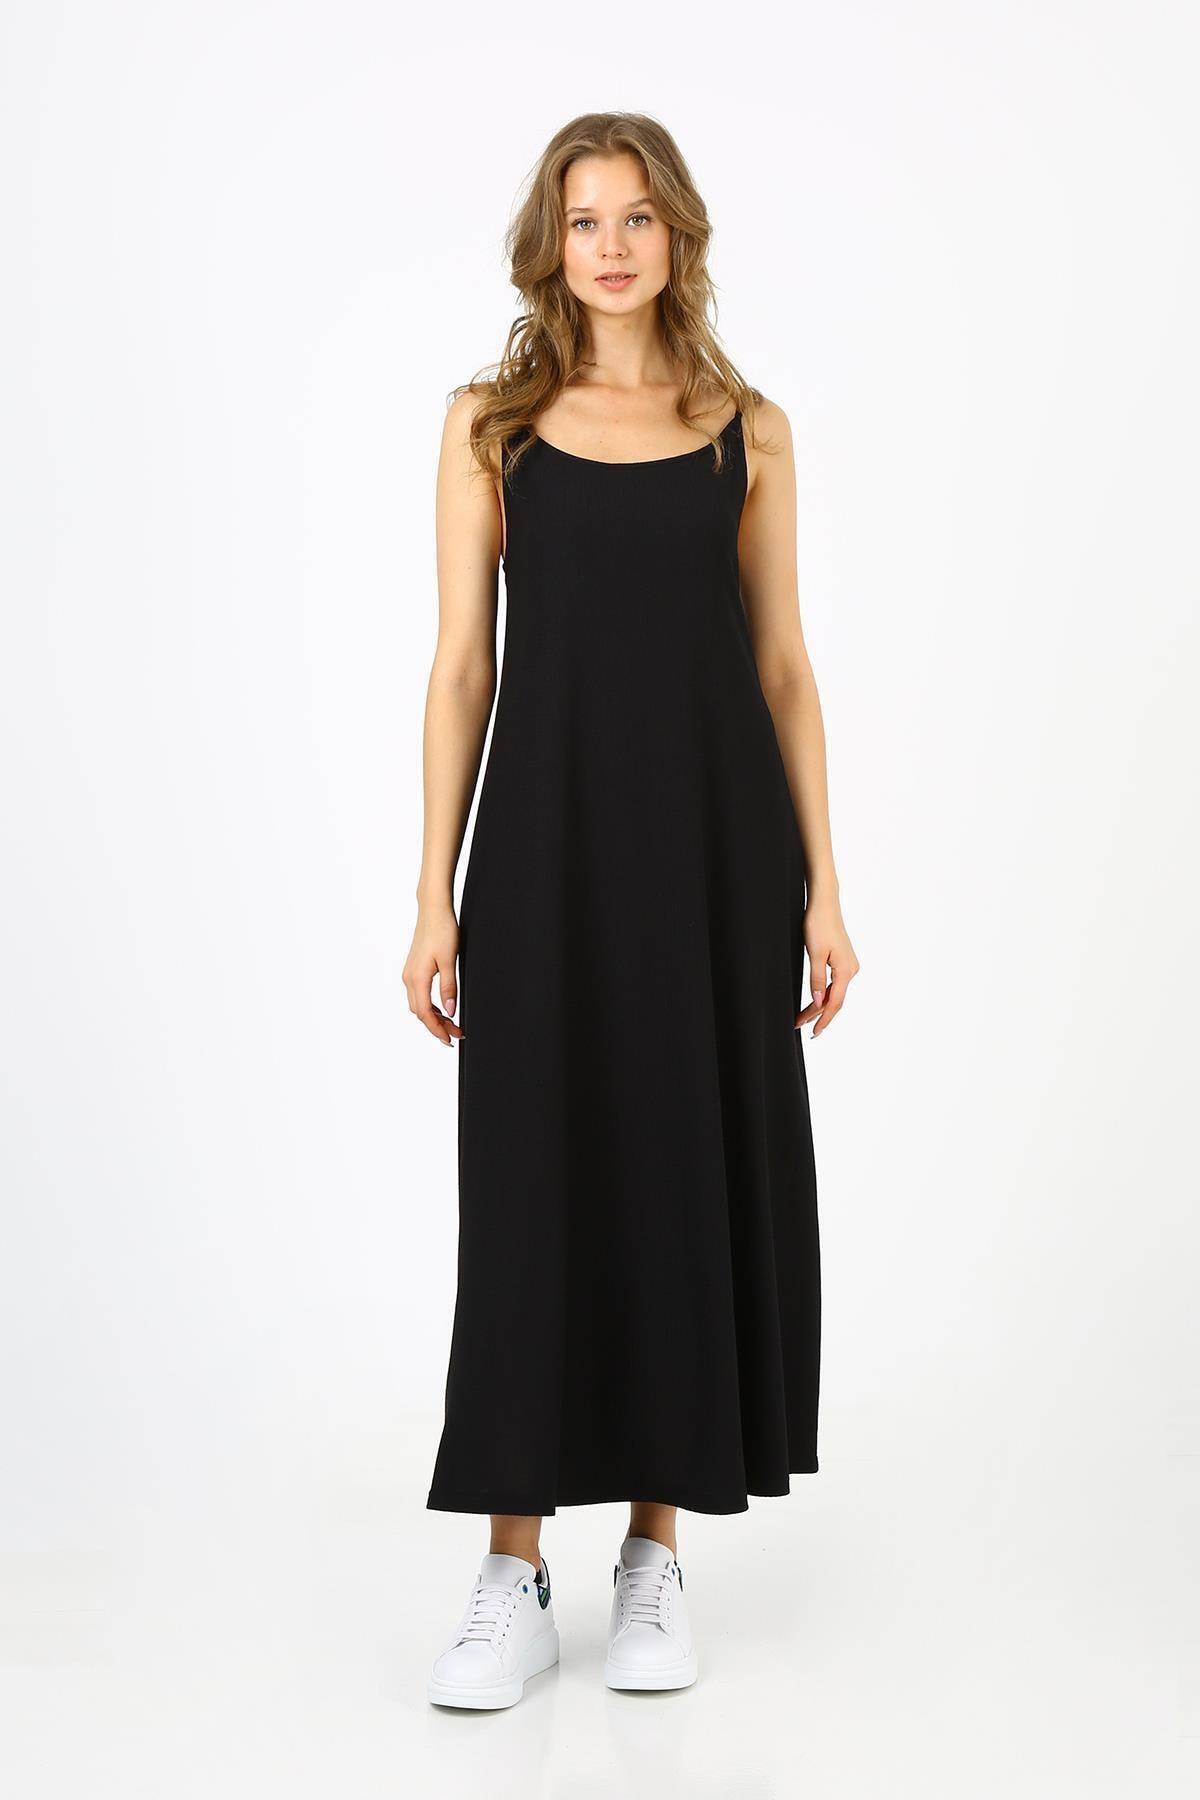 Kadın Askılı Uzun Elbise (b21-4210)